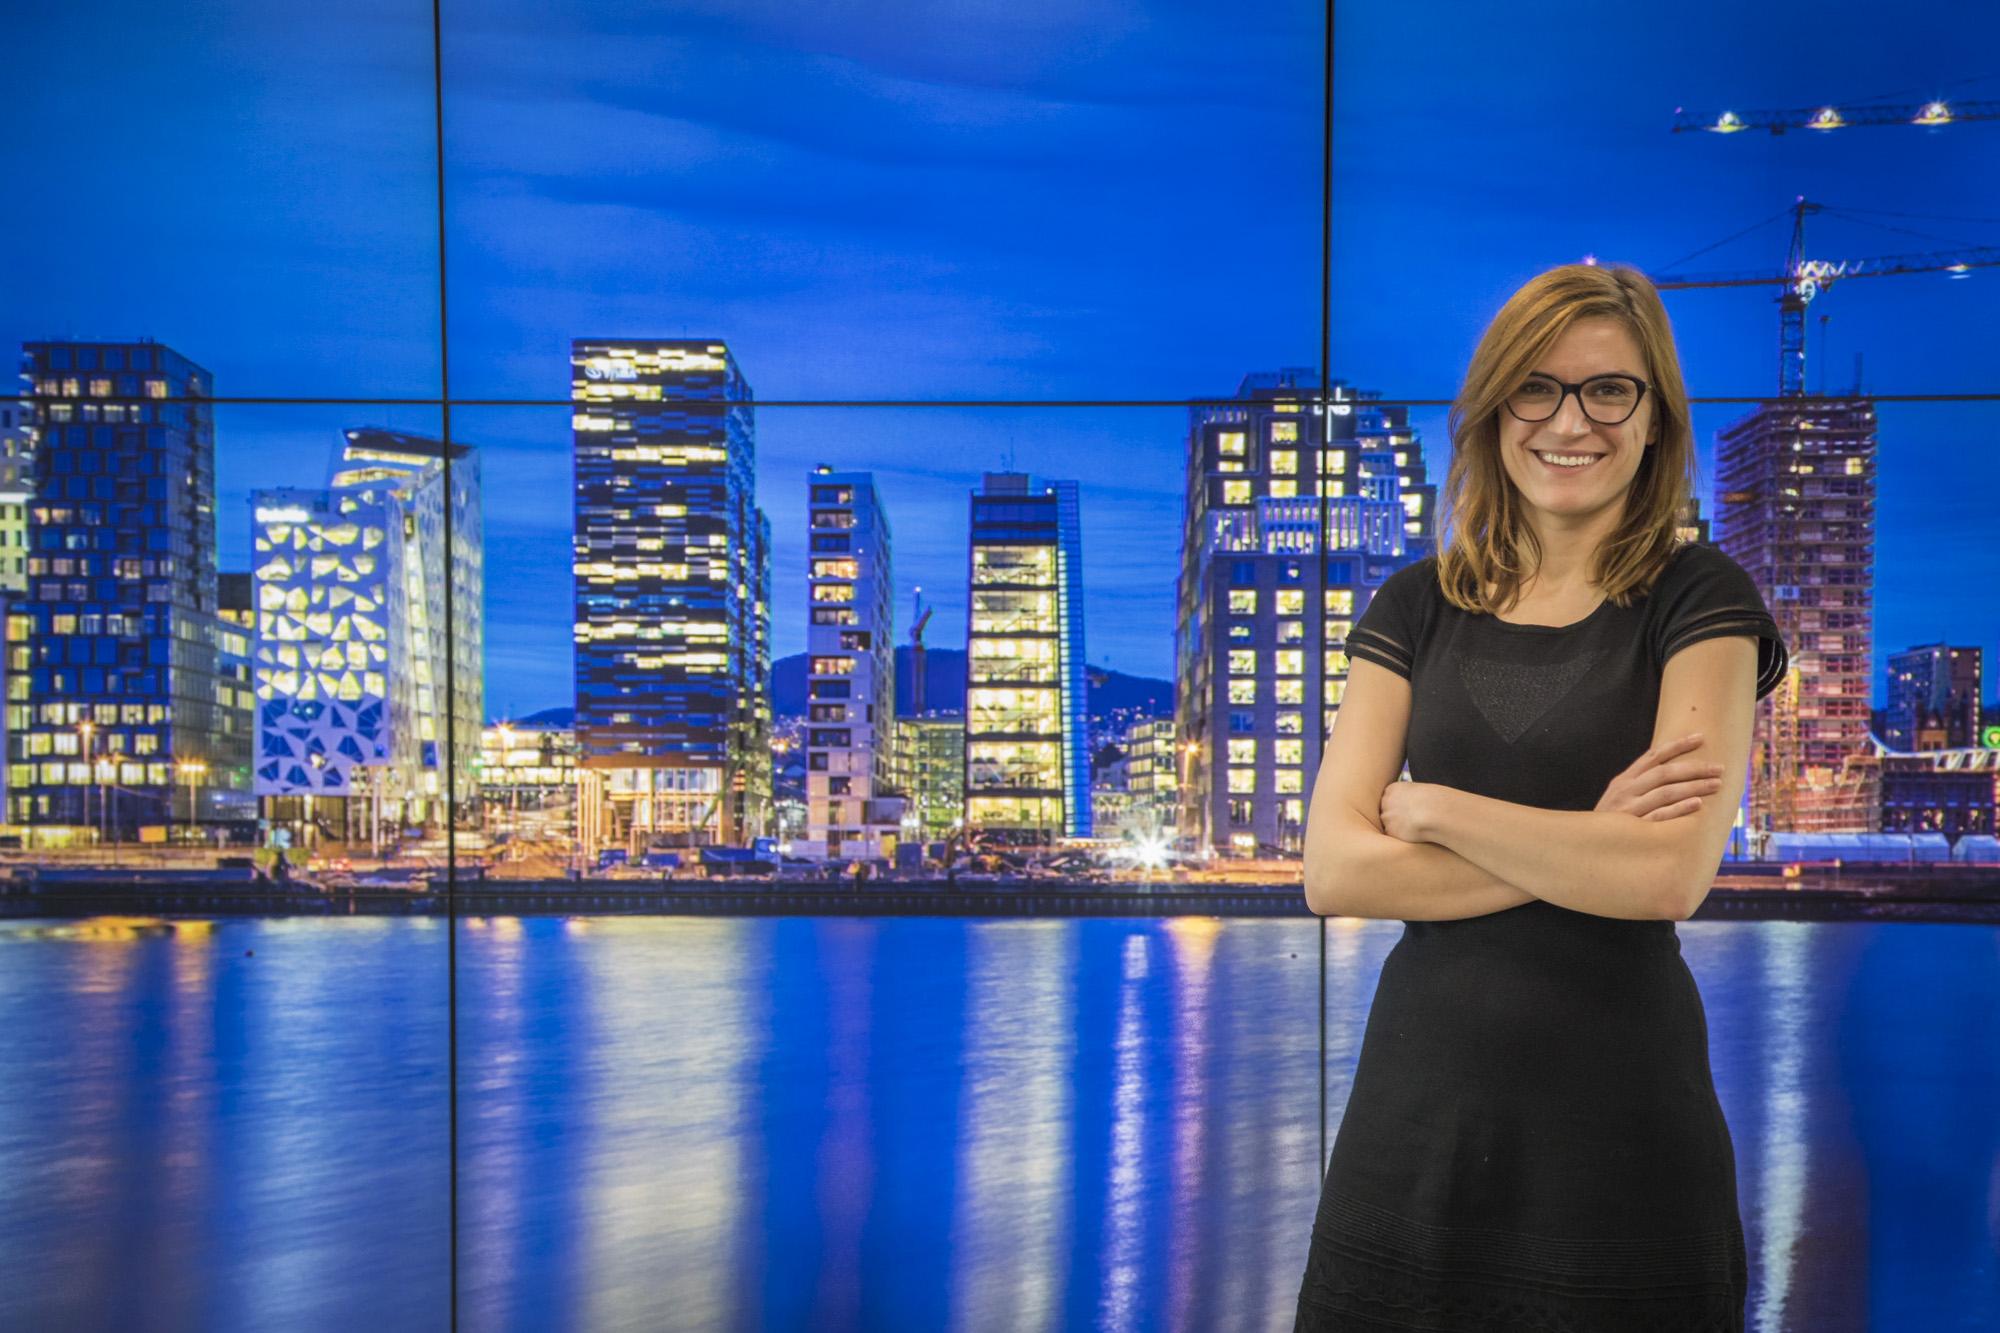 Iwona Leszczyńska spent three months in Oslo